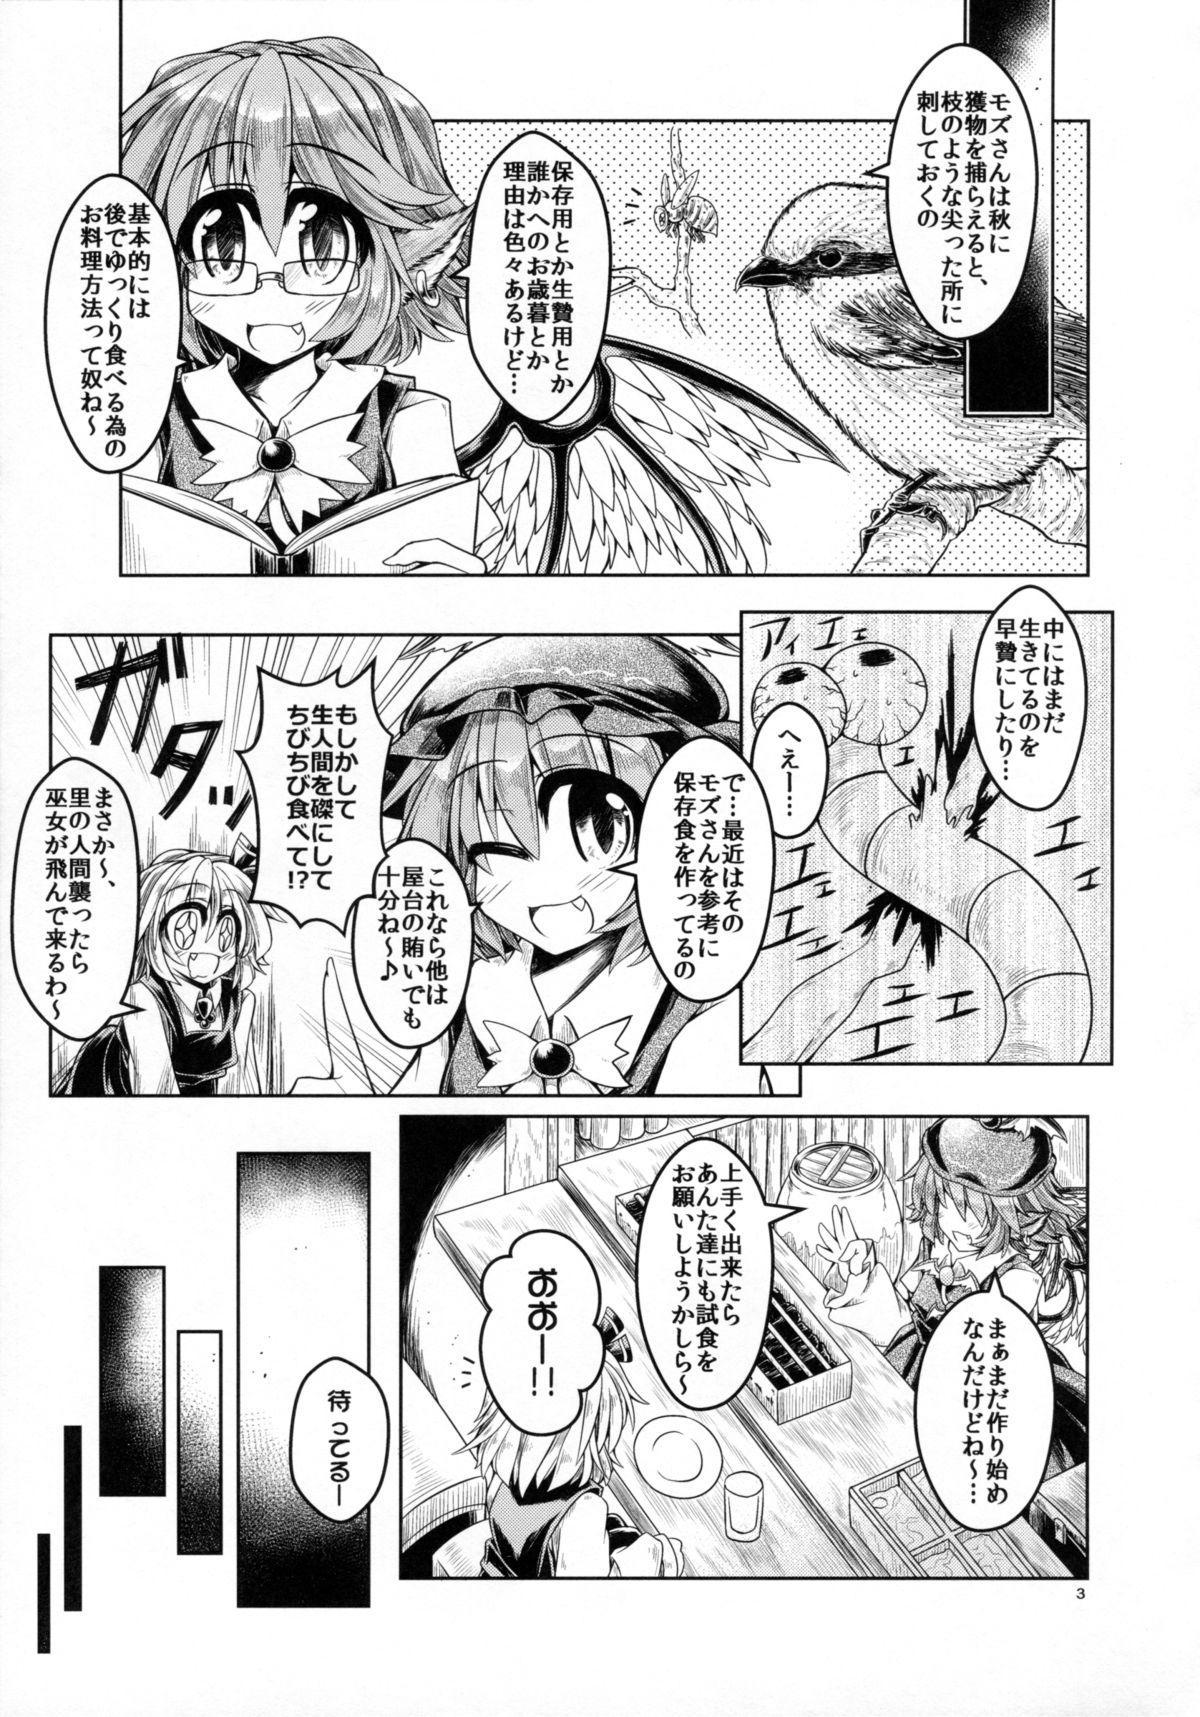 Tanetsuke Onee-san to Yukai na Zenritsusen 3